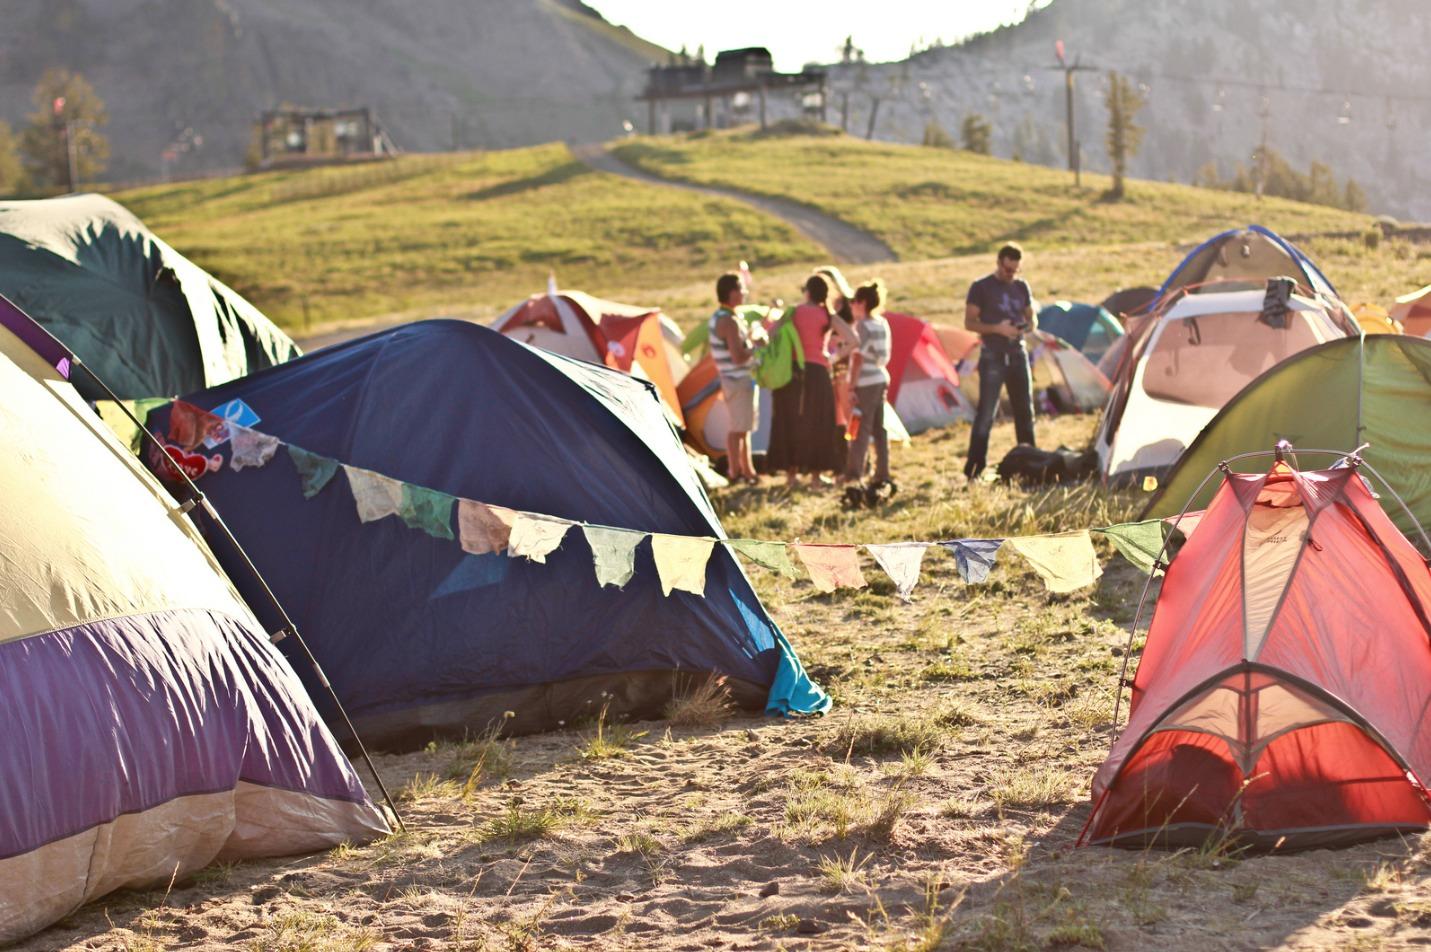 Wanderlust3_CampTrend